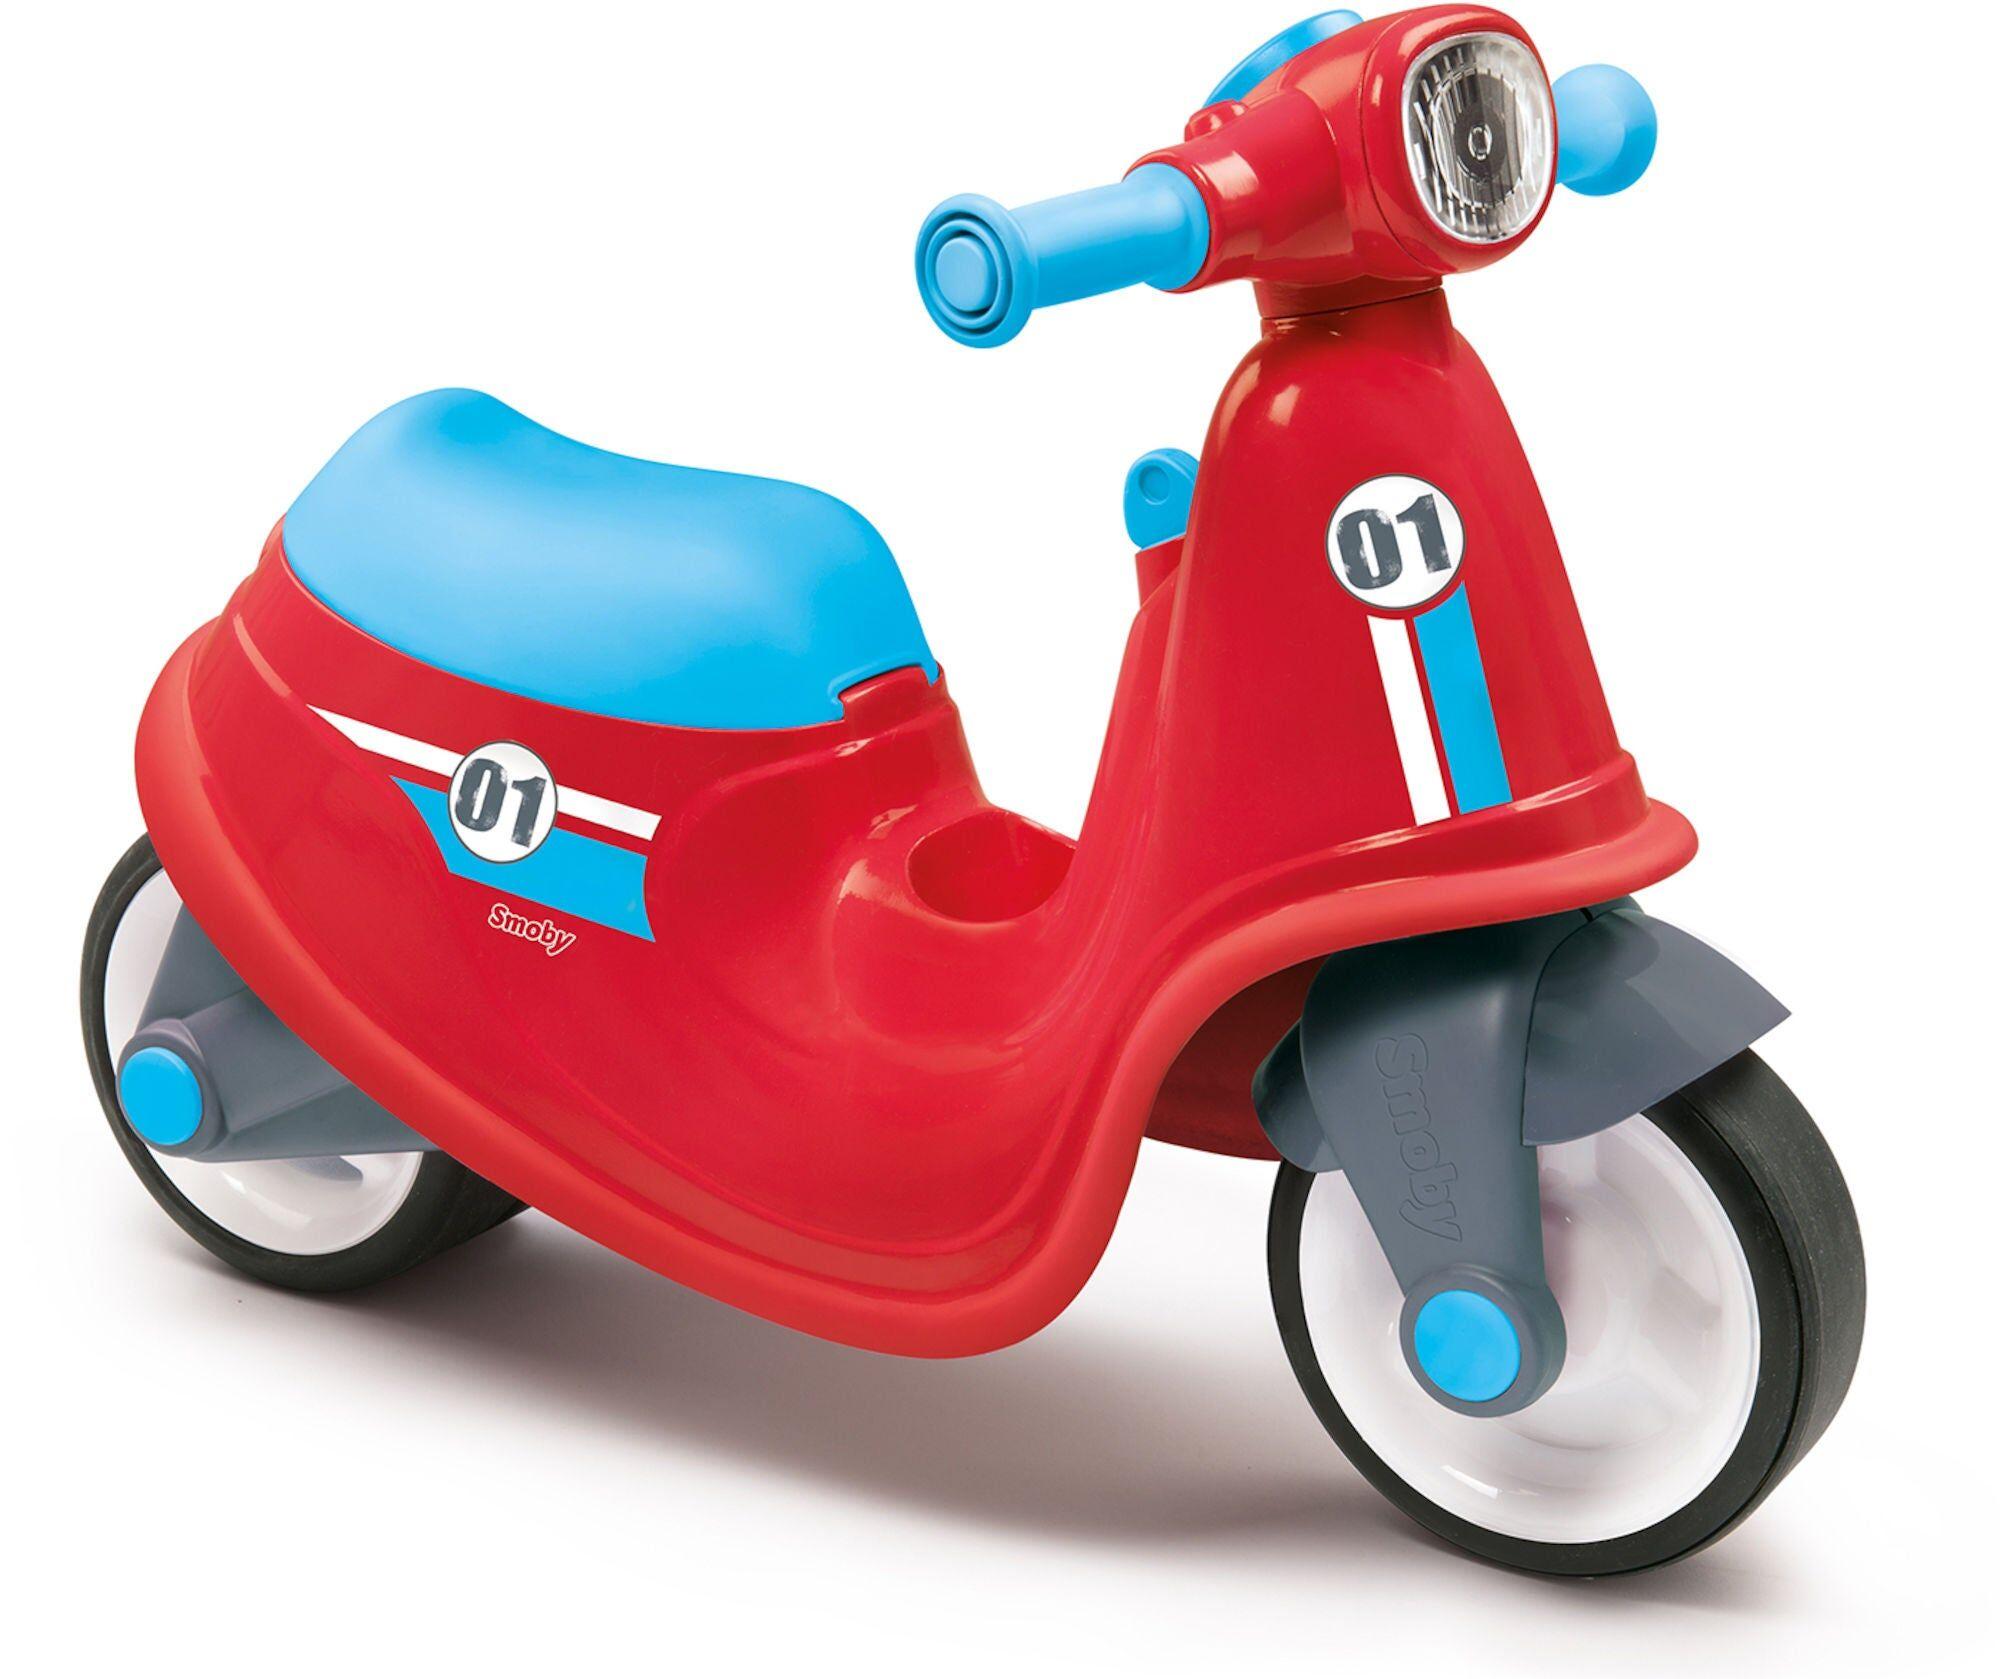 Smoby Scooter, Rød